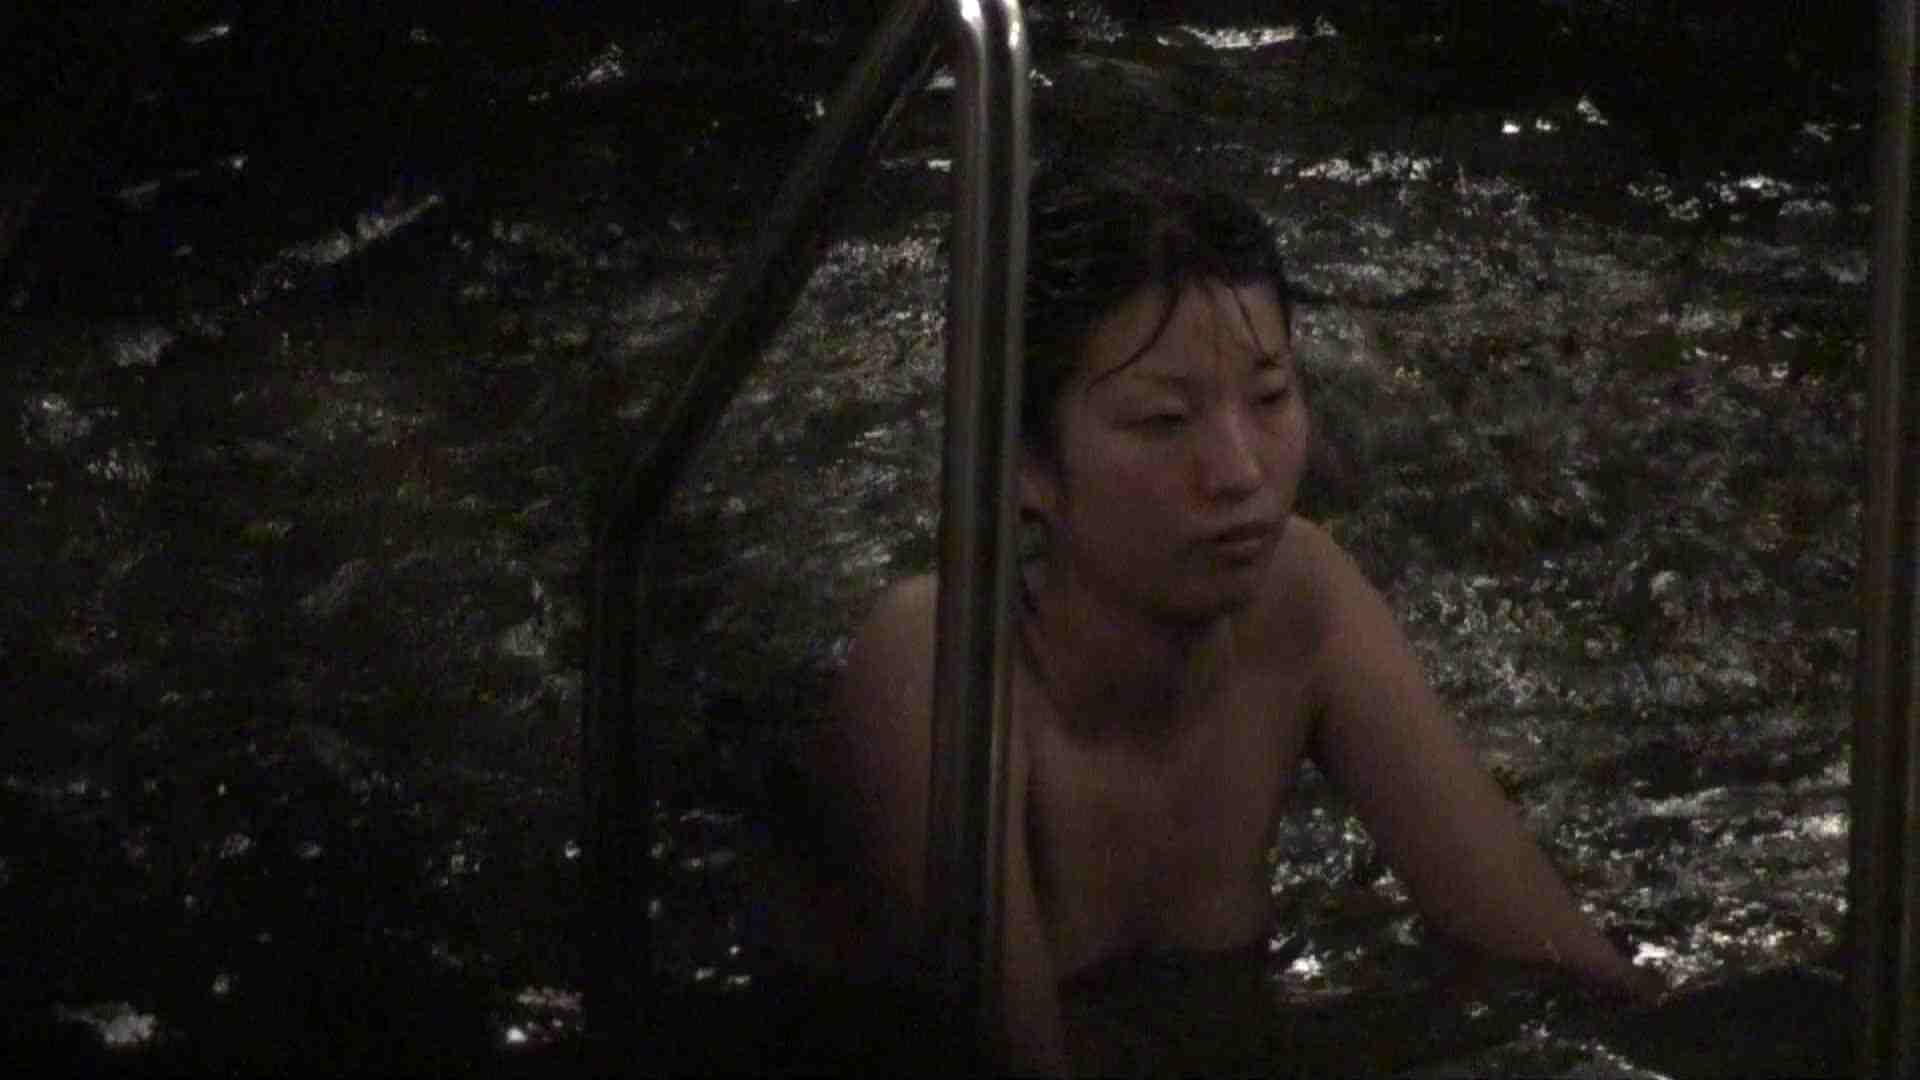 Aquaな露天風呂Vol.379 盗撮 | 綺麗なOLたち  52枚 28